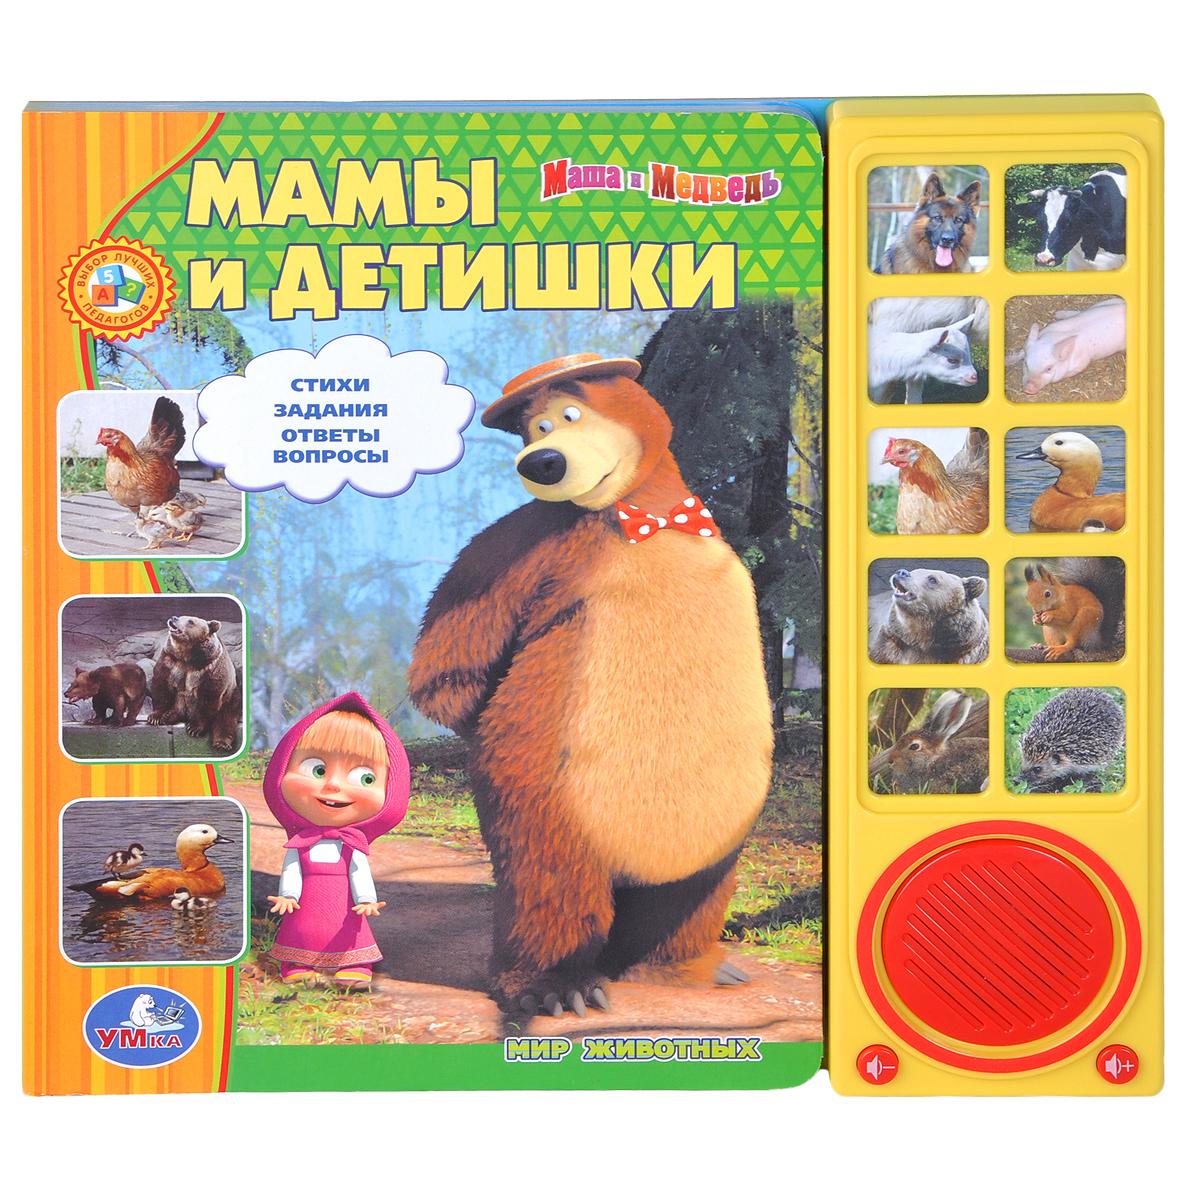 Юлия Шигарова Мамы и детишки. Книжка-игрушка юлия шигарова азбука животных блокнот с играми и заданиями